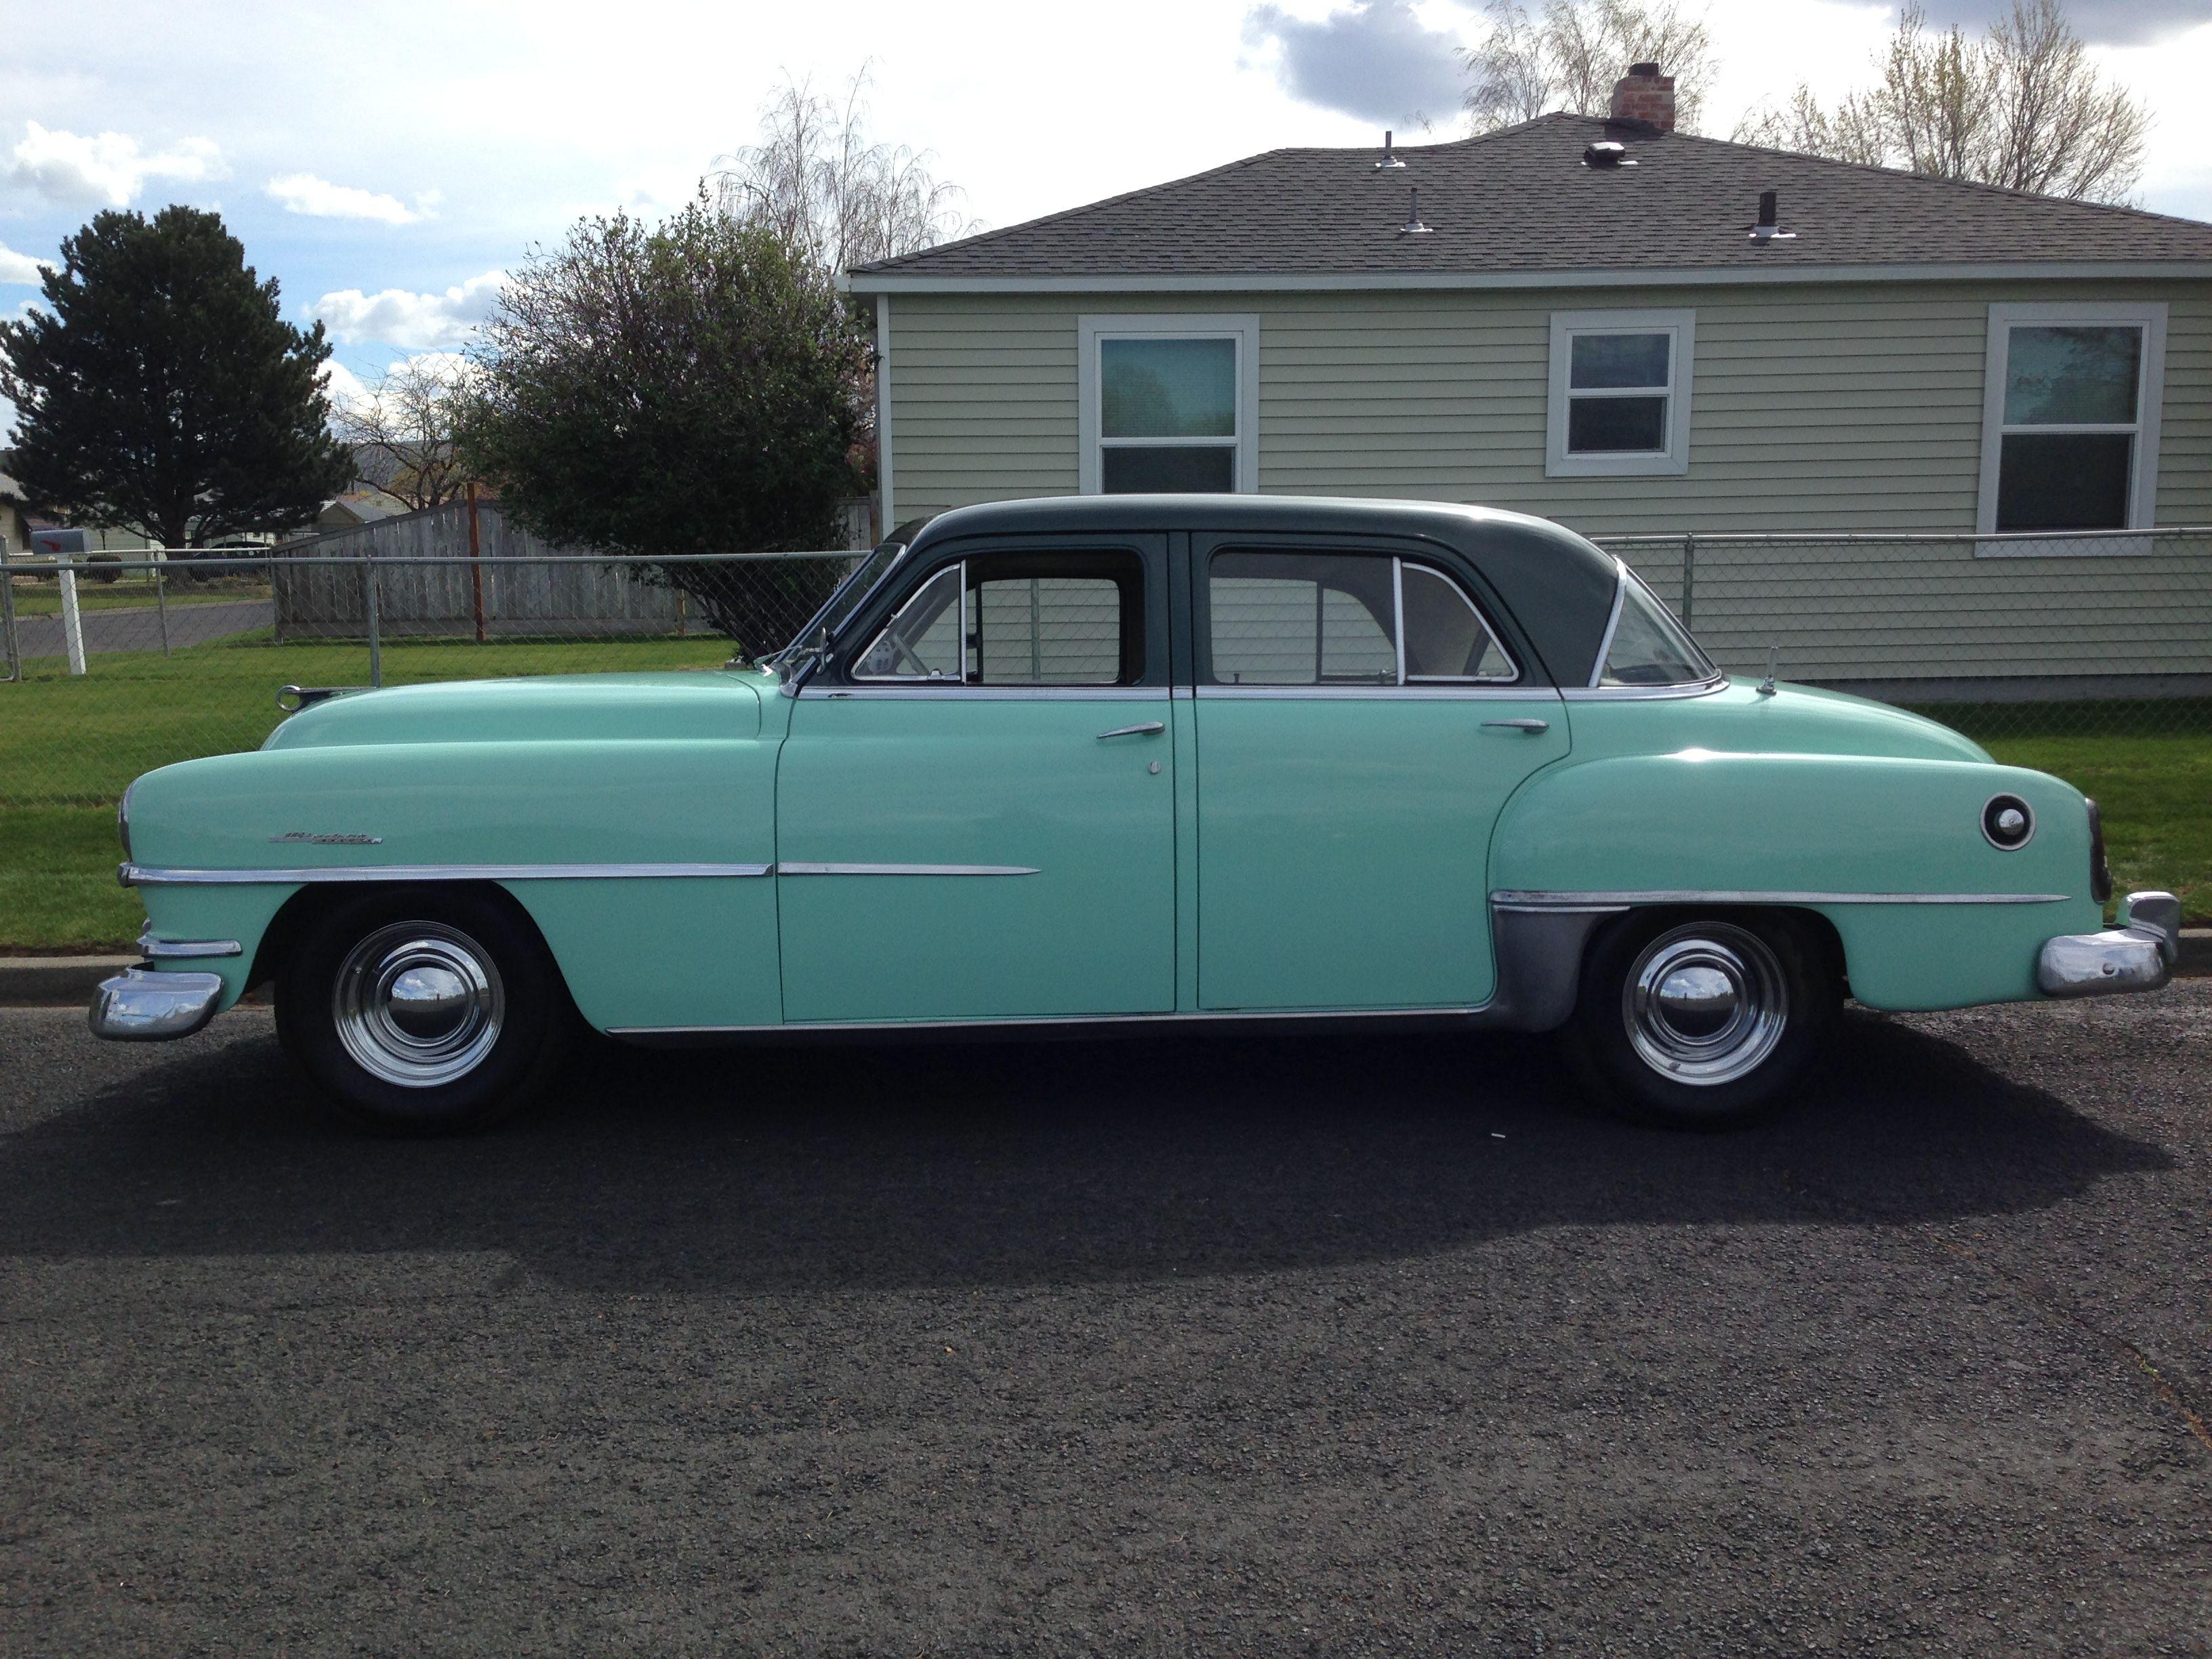 1952 Chrysler Windsor 4 Door Sedan Chrysler Windsor Hot Rods